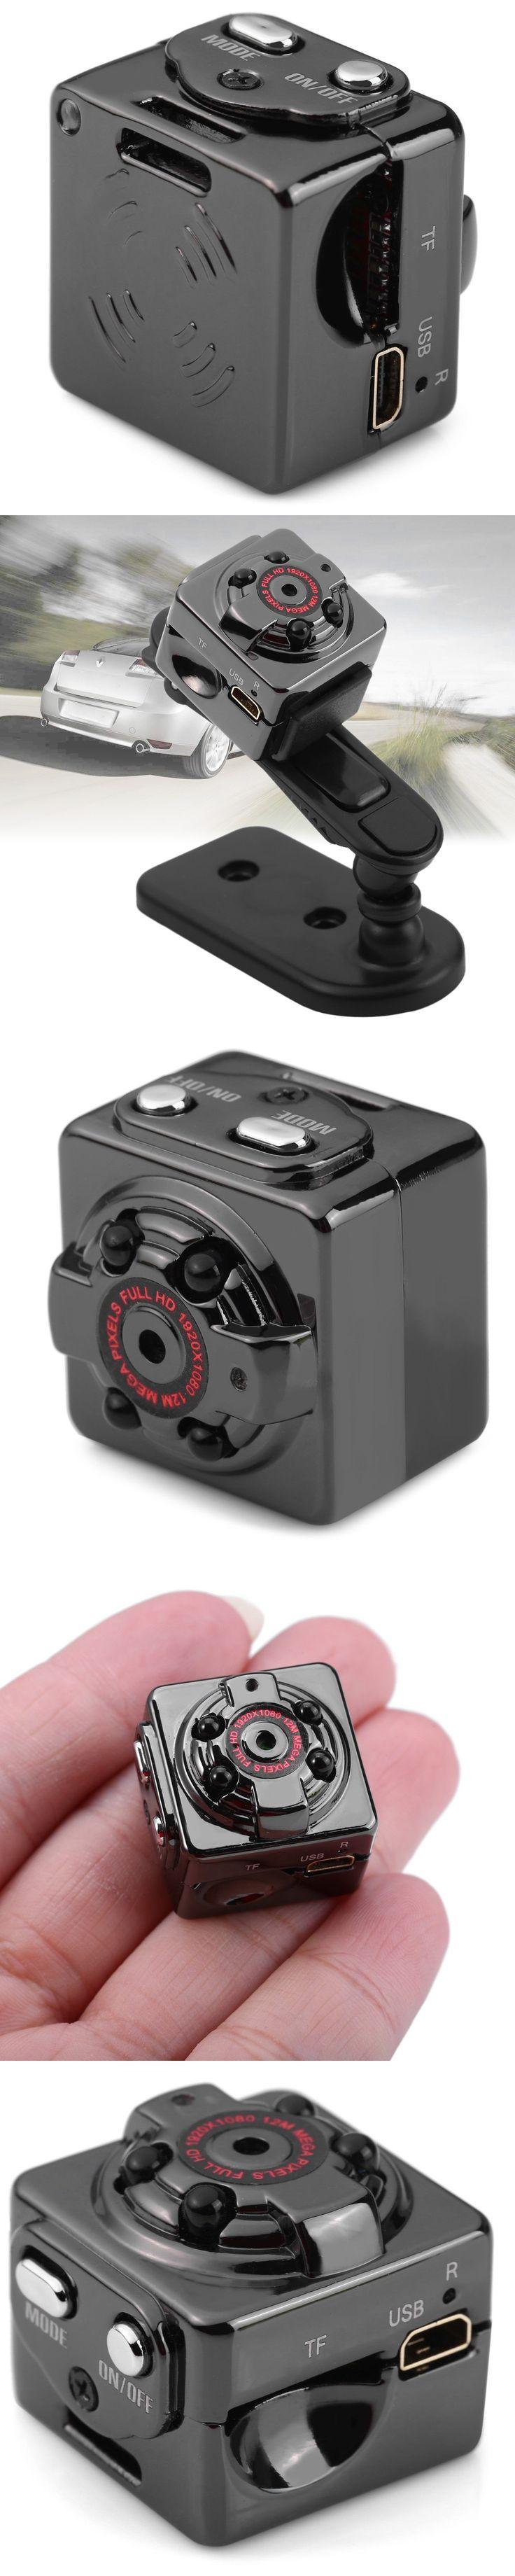 Автомобильный видеорегистратор safebox classic.оригинал, 2 камеры, gps, g-датчик видеорегистратор автомобильный nns microsd